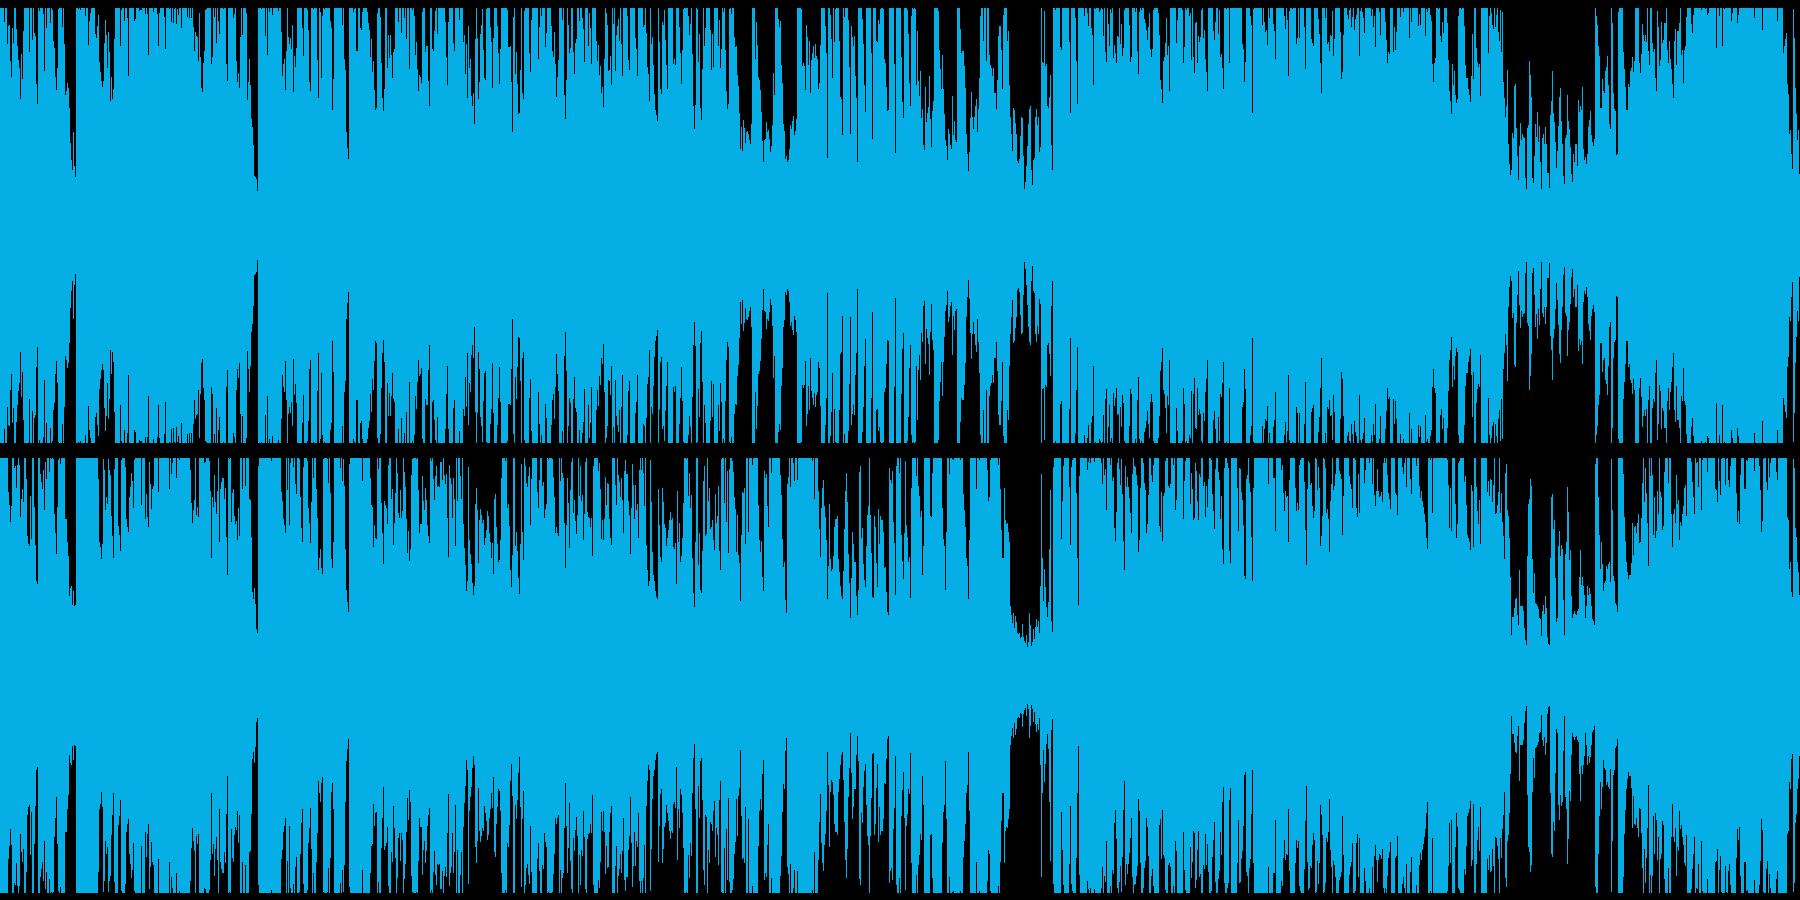 わくわくするディズニー風ビッグバンド楽曲の再生済みの波形